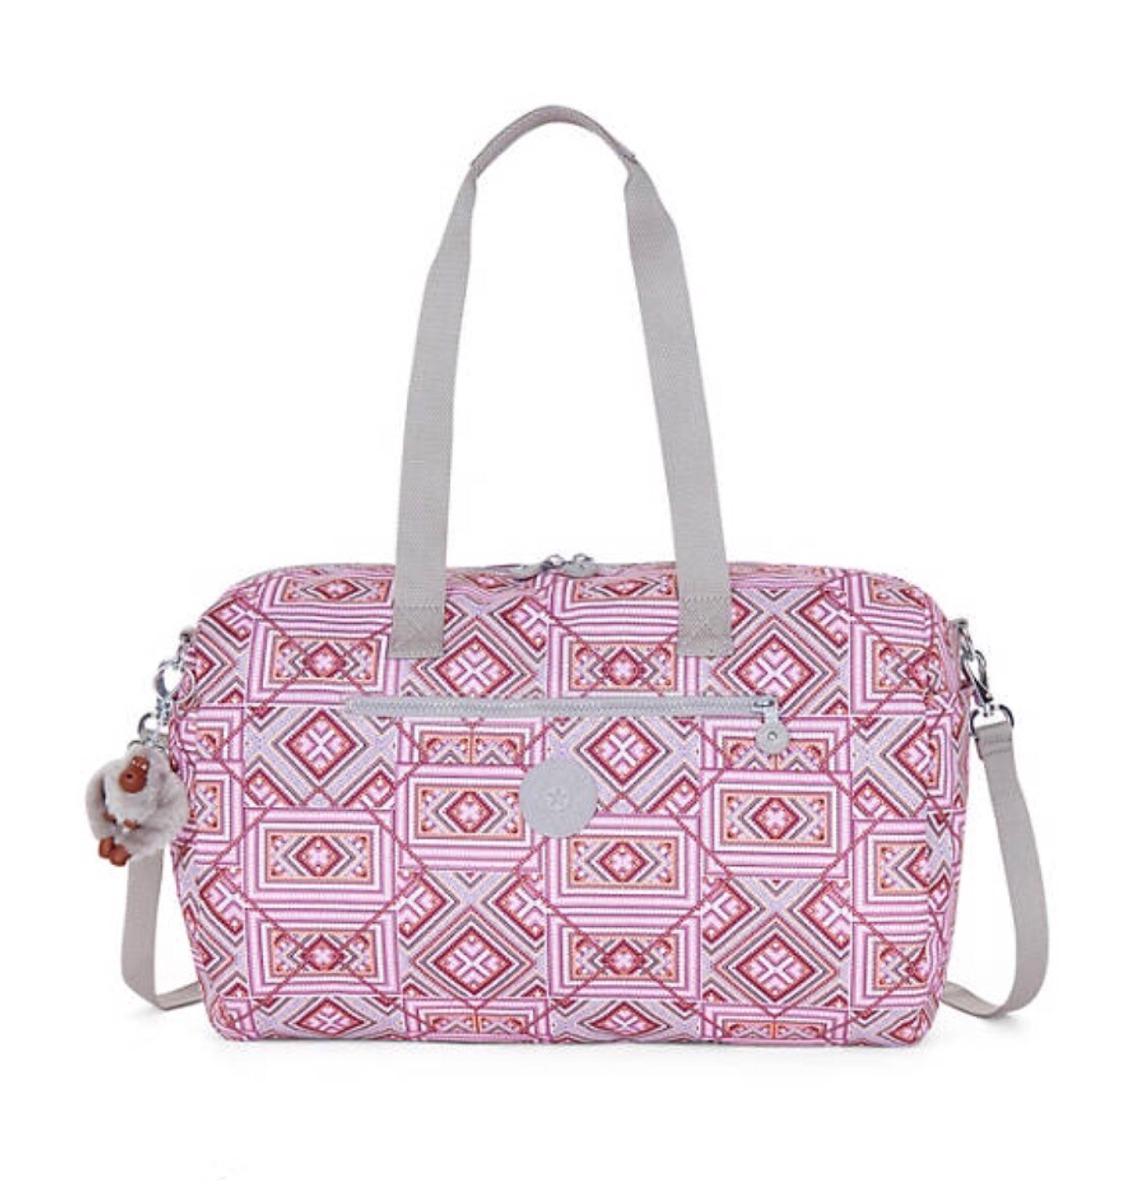 479ea771f Bolsa/ Mala Mão Zaliki Cinza/rosa - R$ 350,00 em Mercado Livre